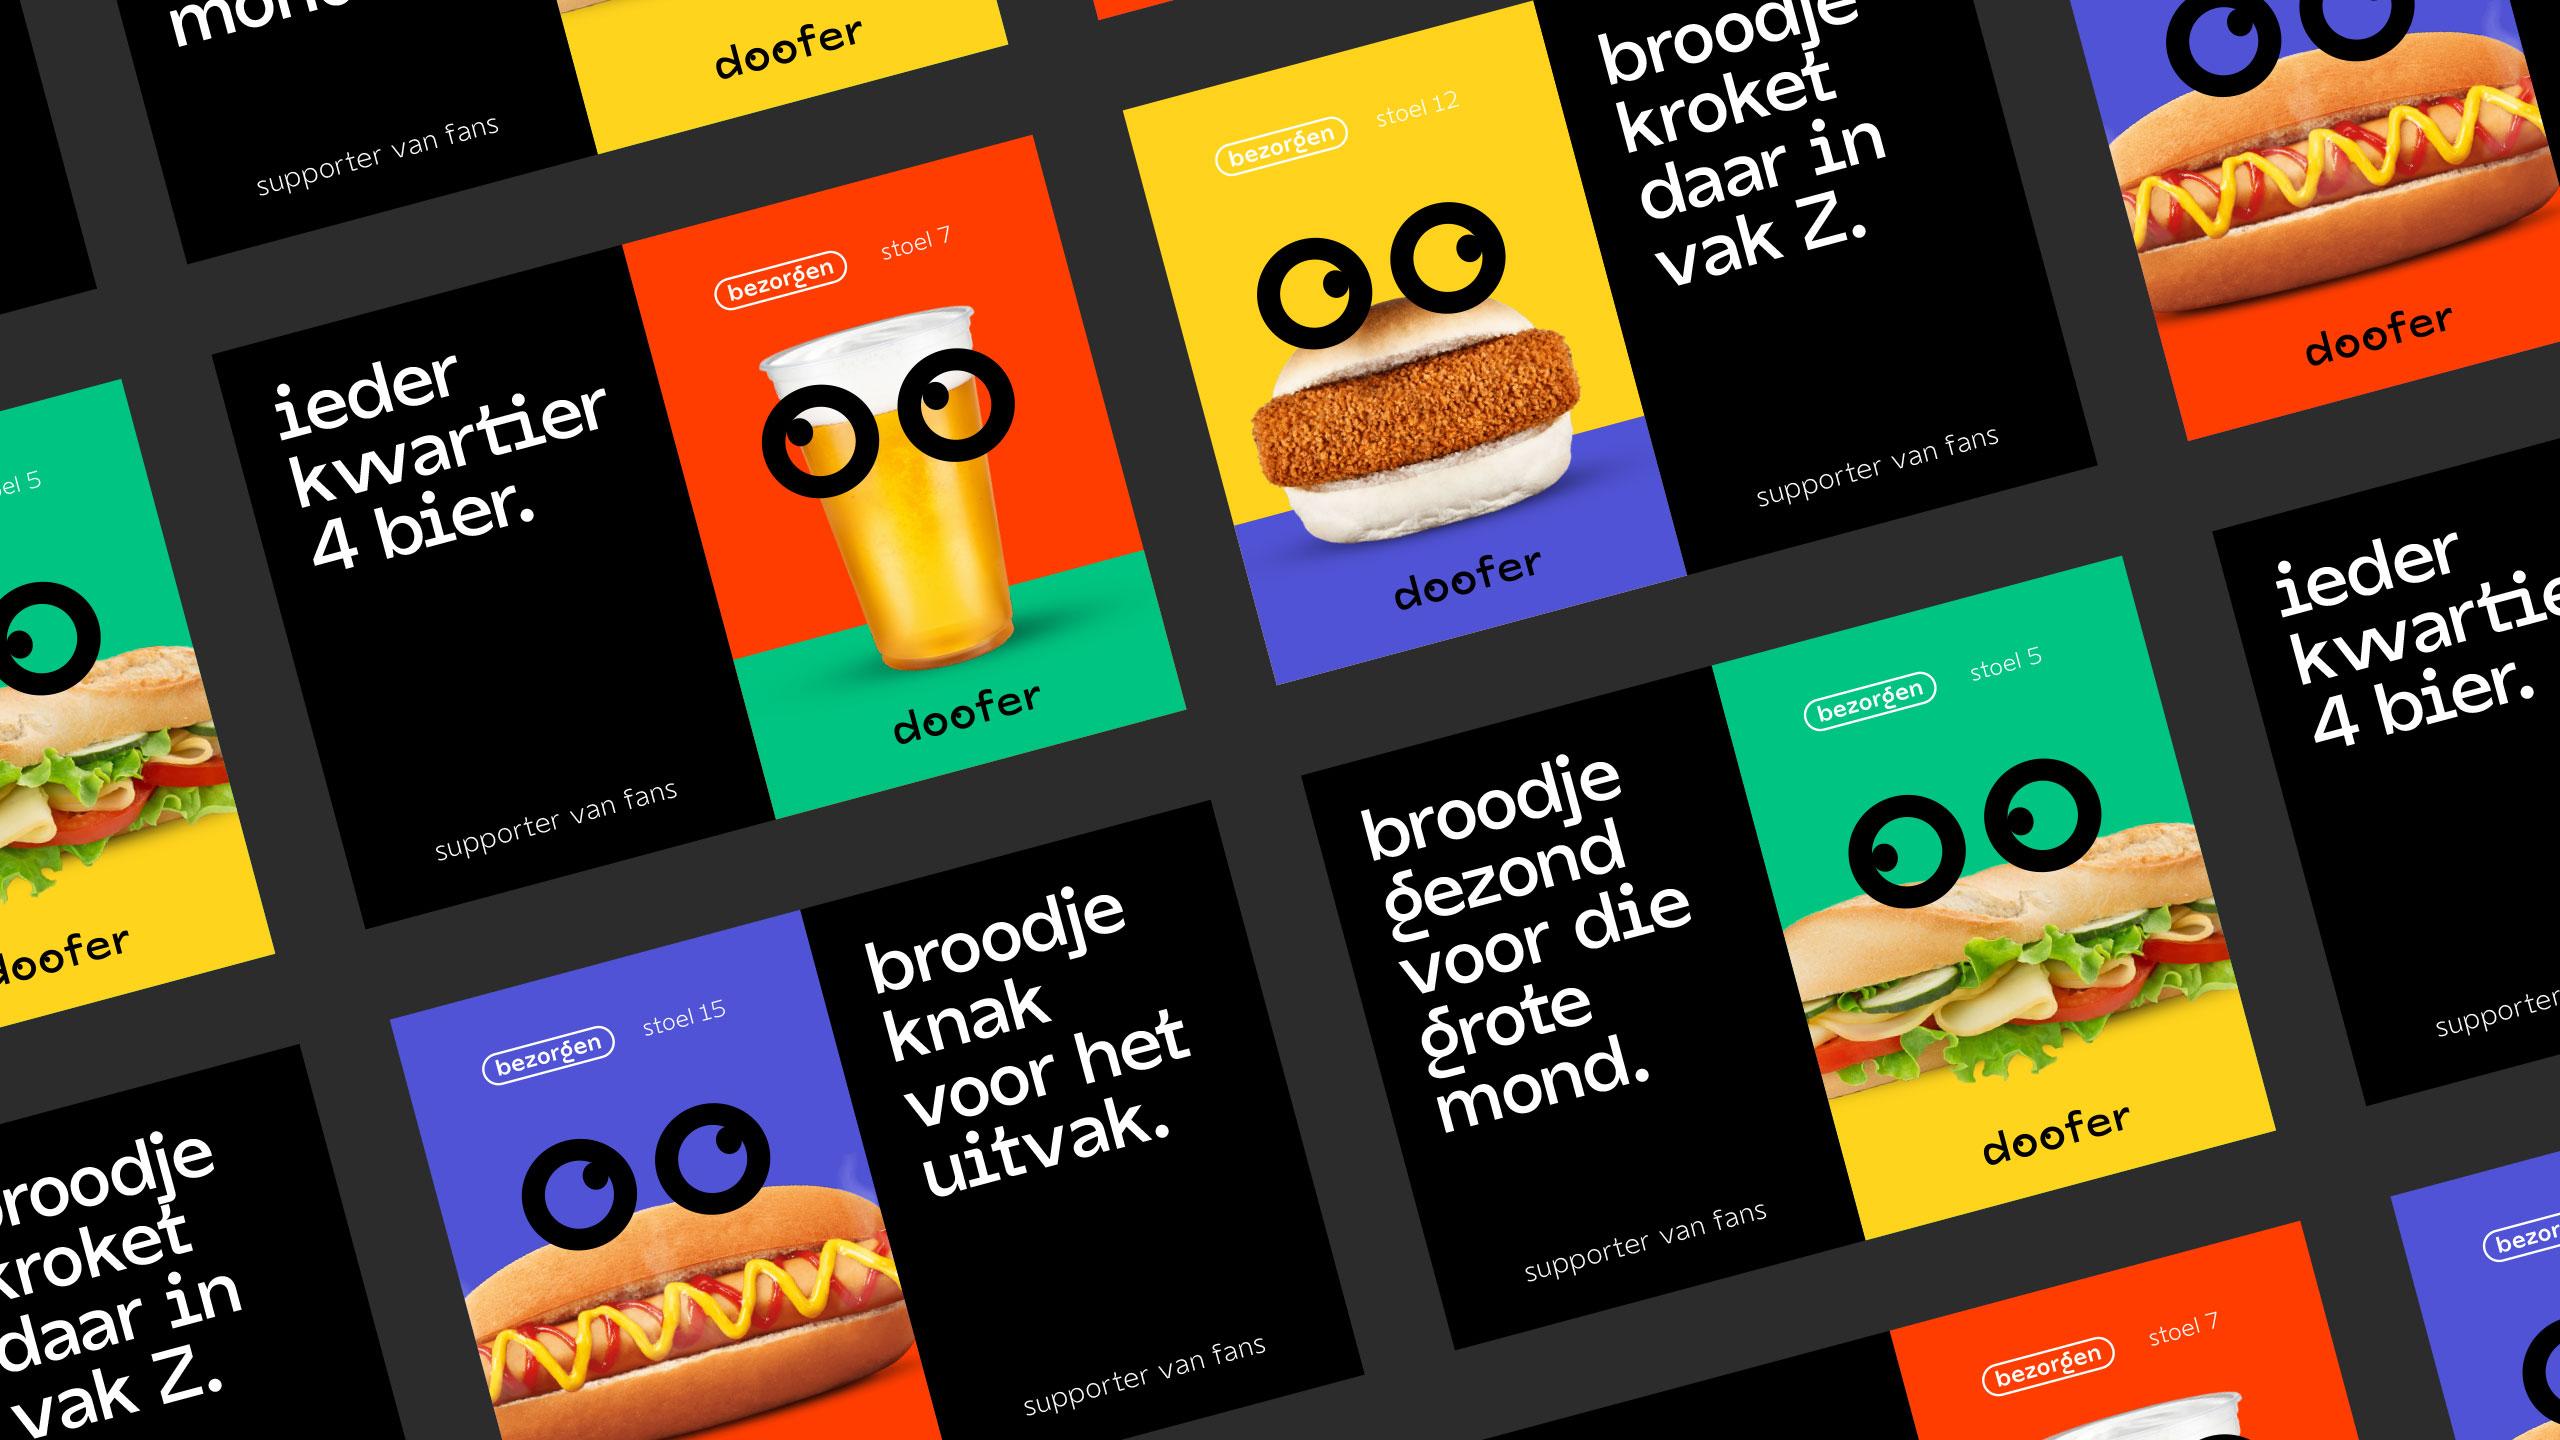 Doofer ads